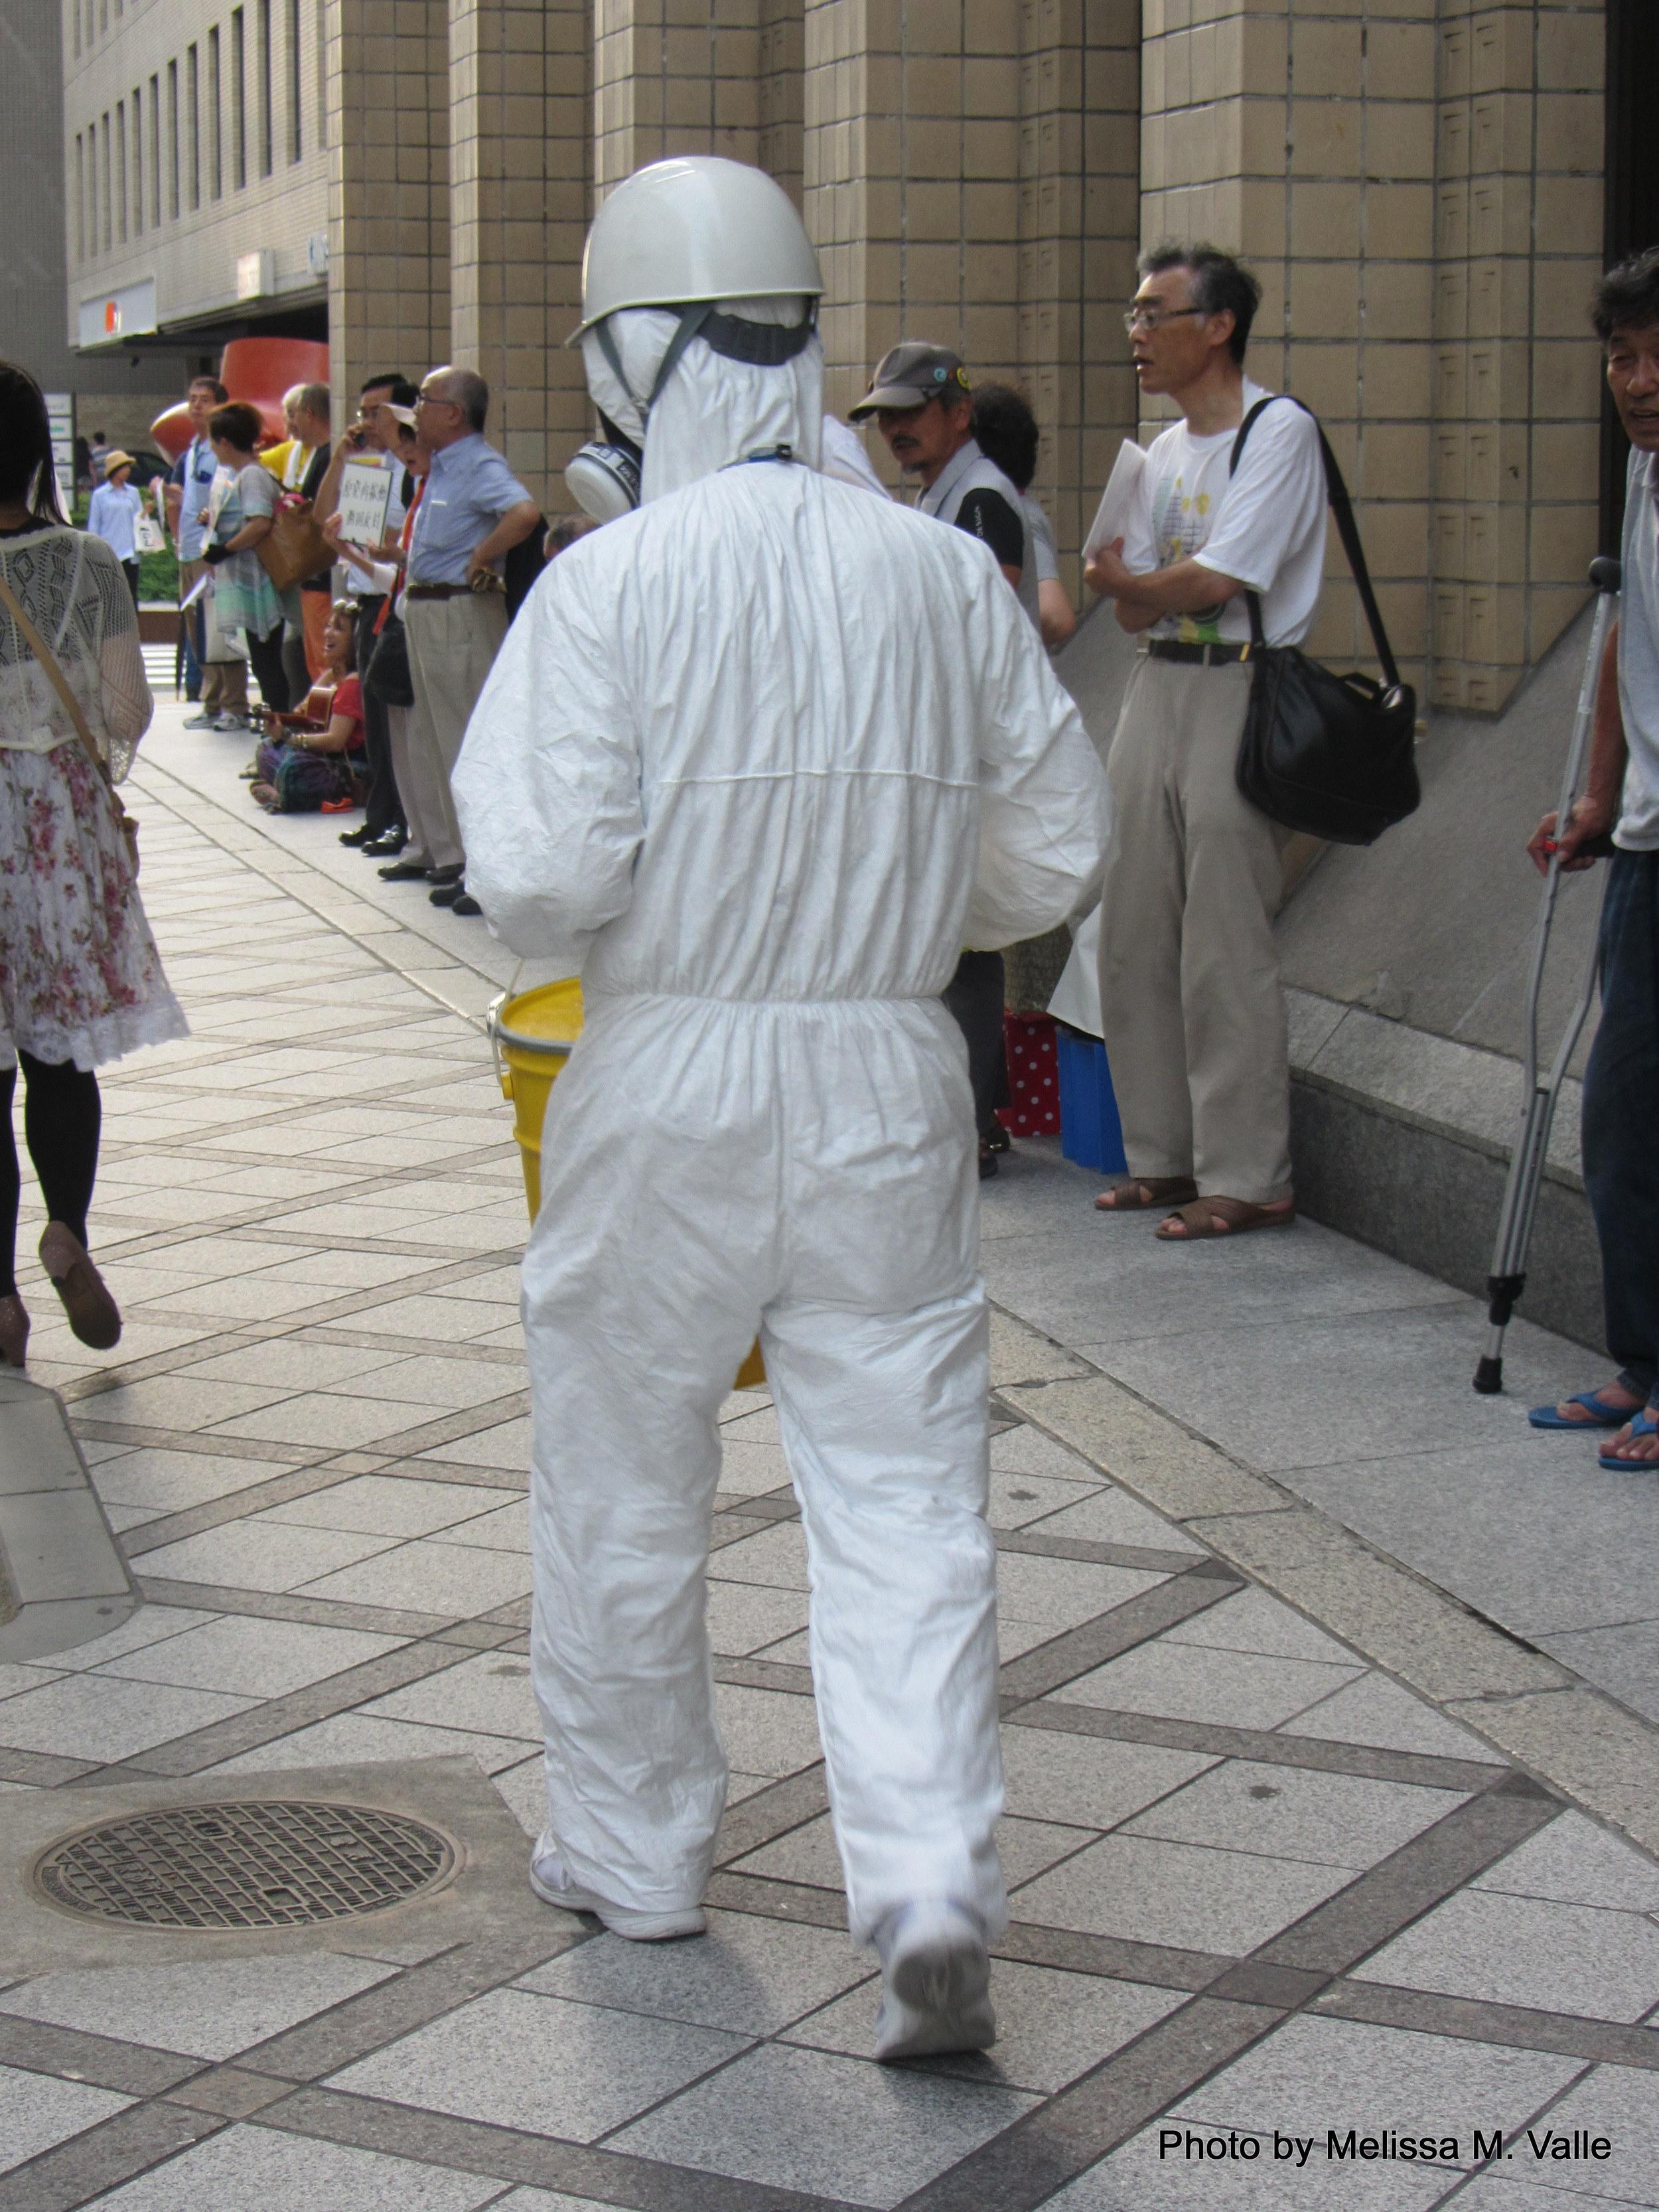 7.18.14 Kyoto, Japan-Anti-nukes protesters (4).JPG